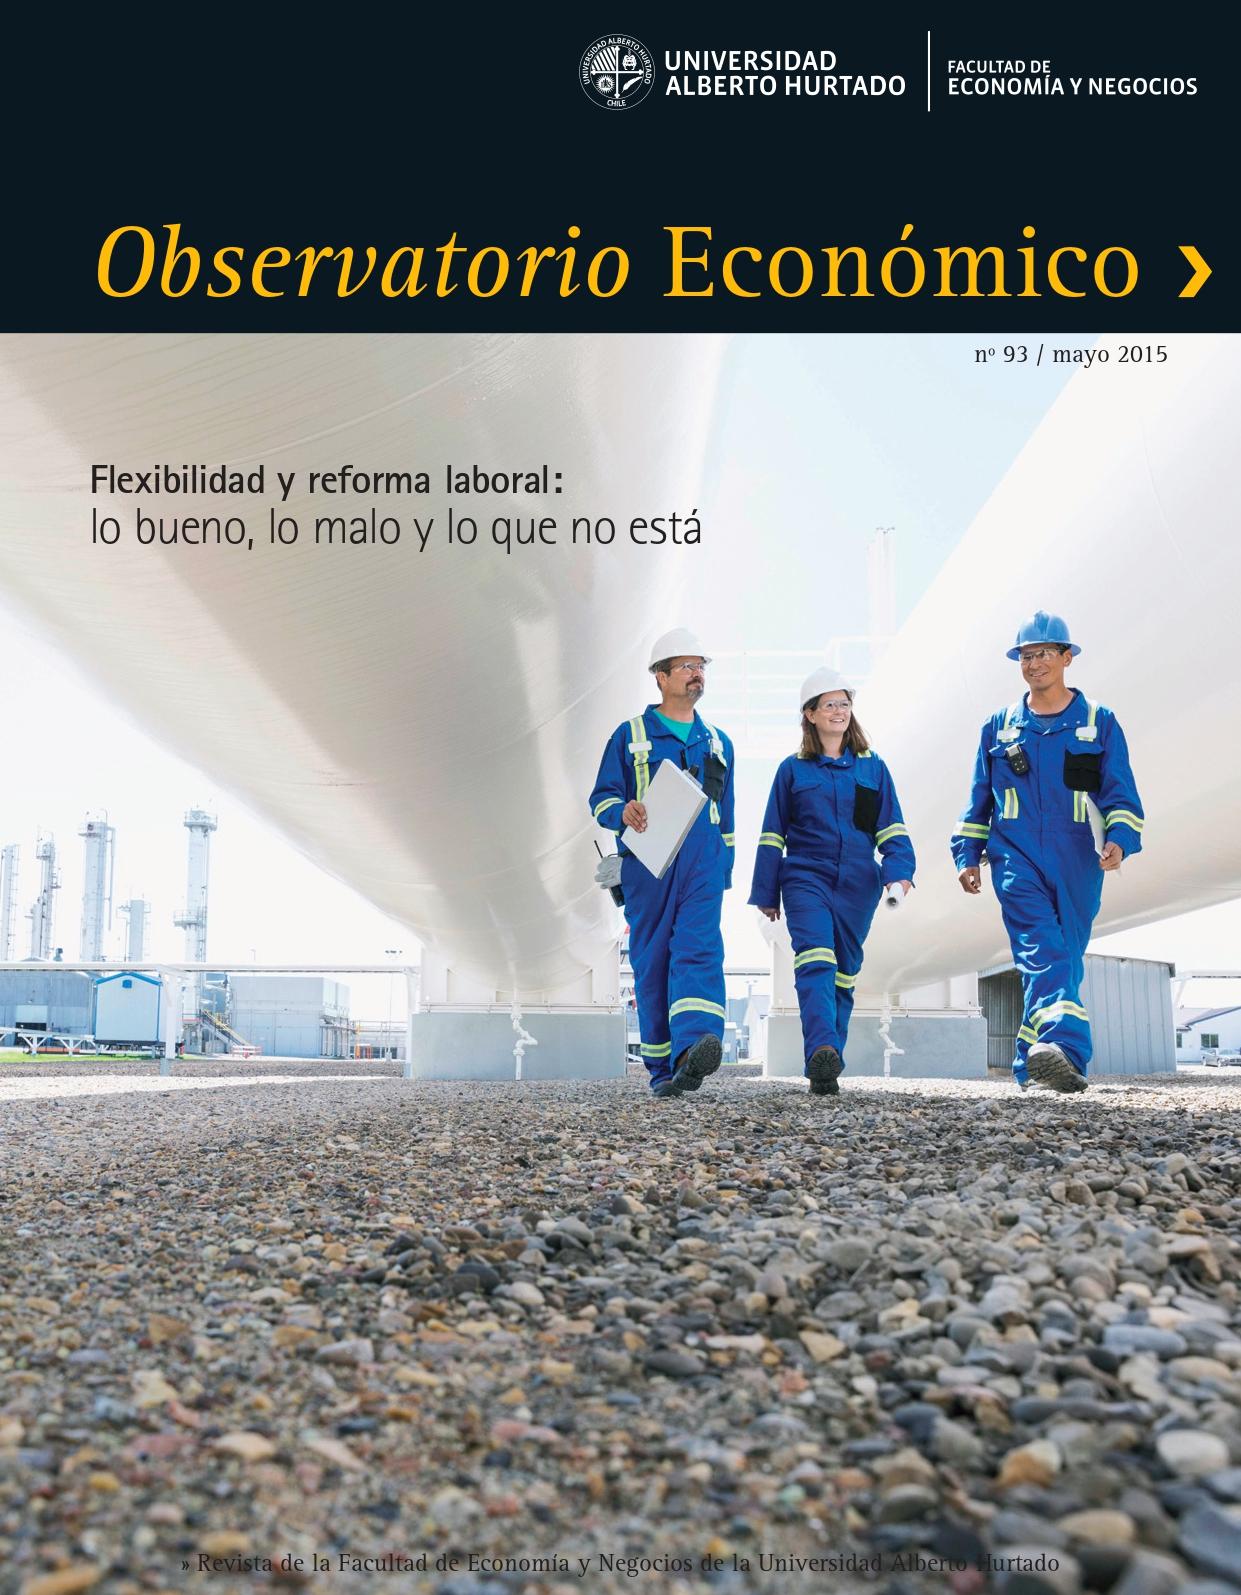 """Título del número de la revista : """"Flexibilidad y reforma laboral : lo bueno, lo malo y lo que no está"""""""